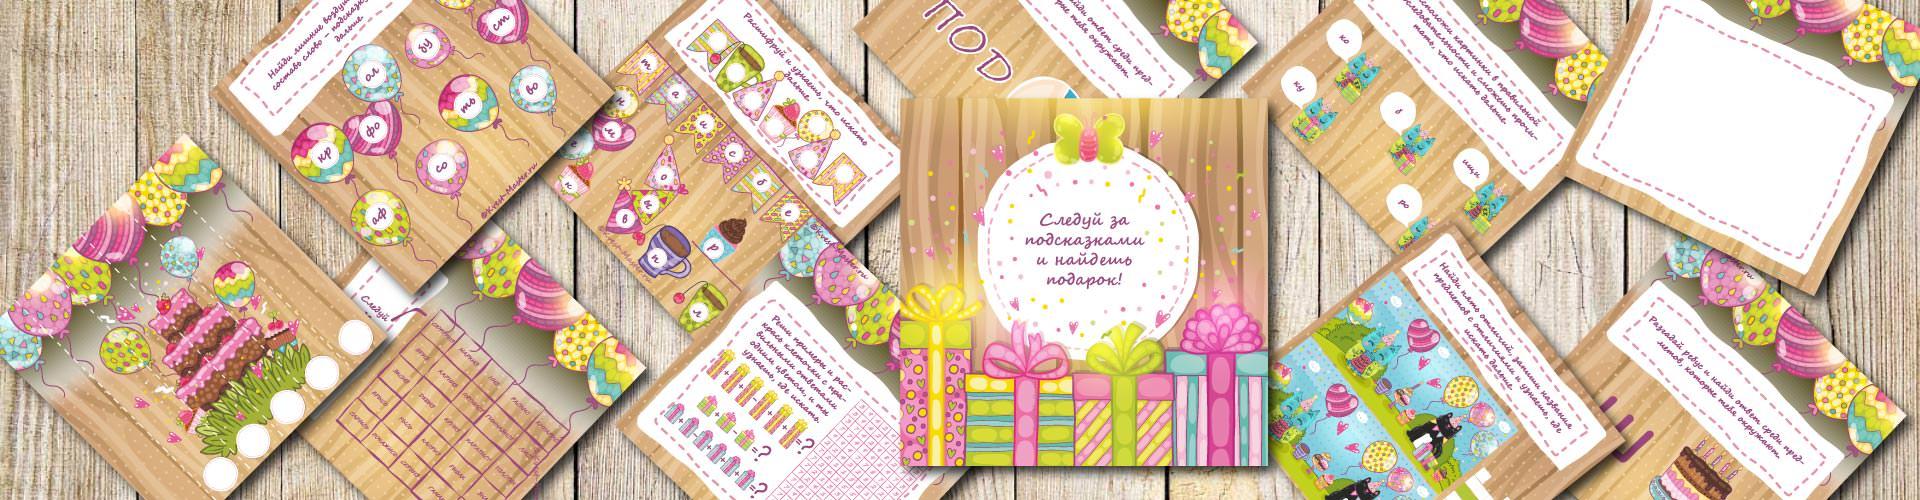 квесты для детей на день рождения